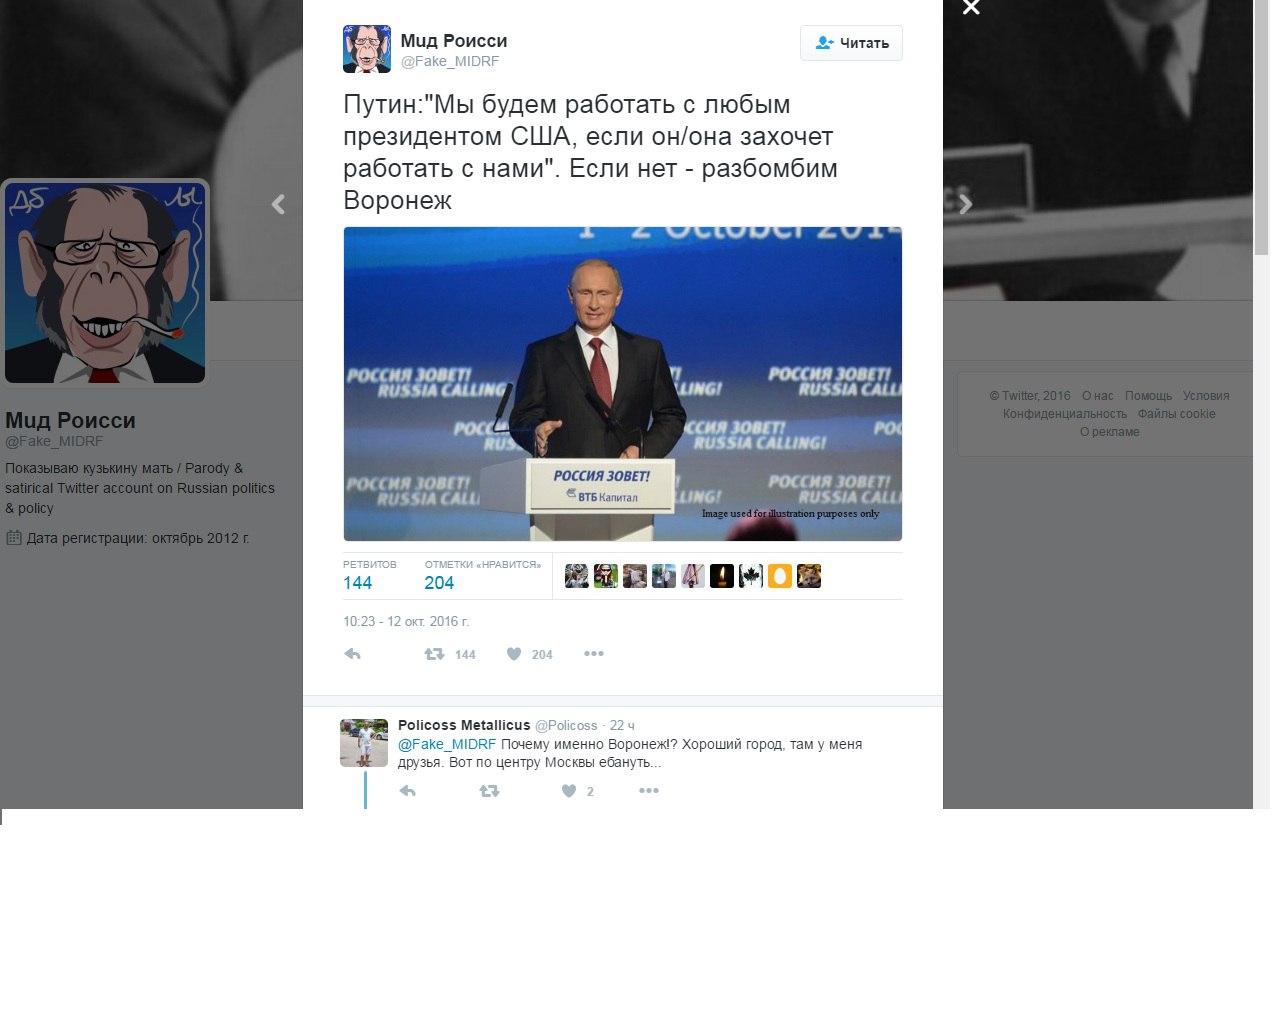 У России совершенно нет намерения воевать с США, - Лавров - Цензор.НЕТ 5833